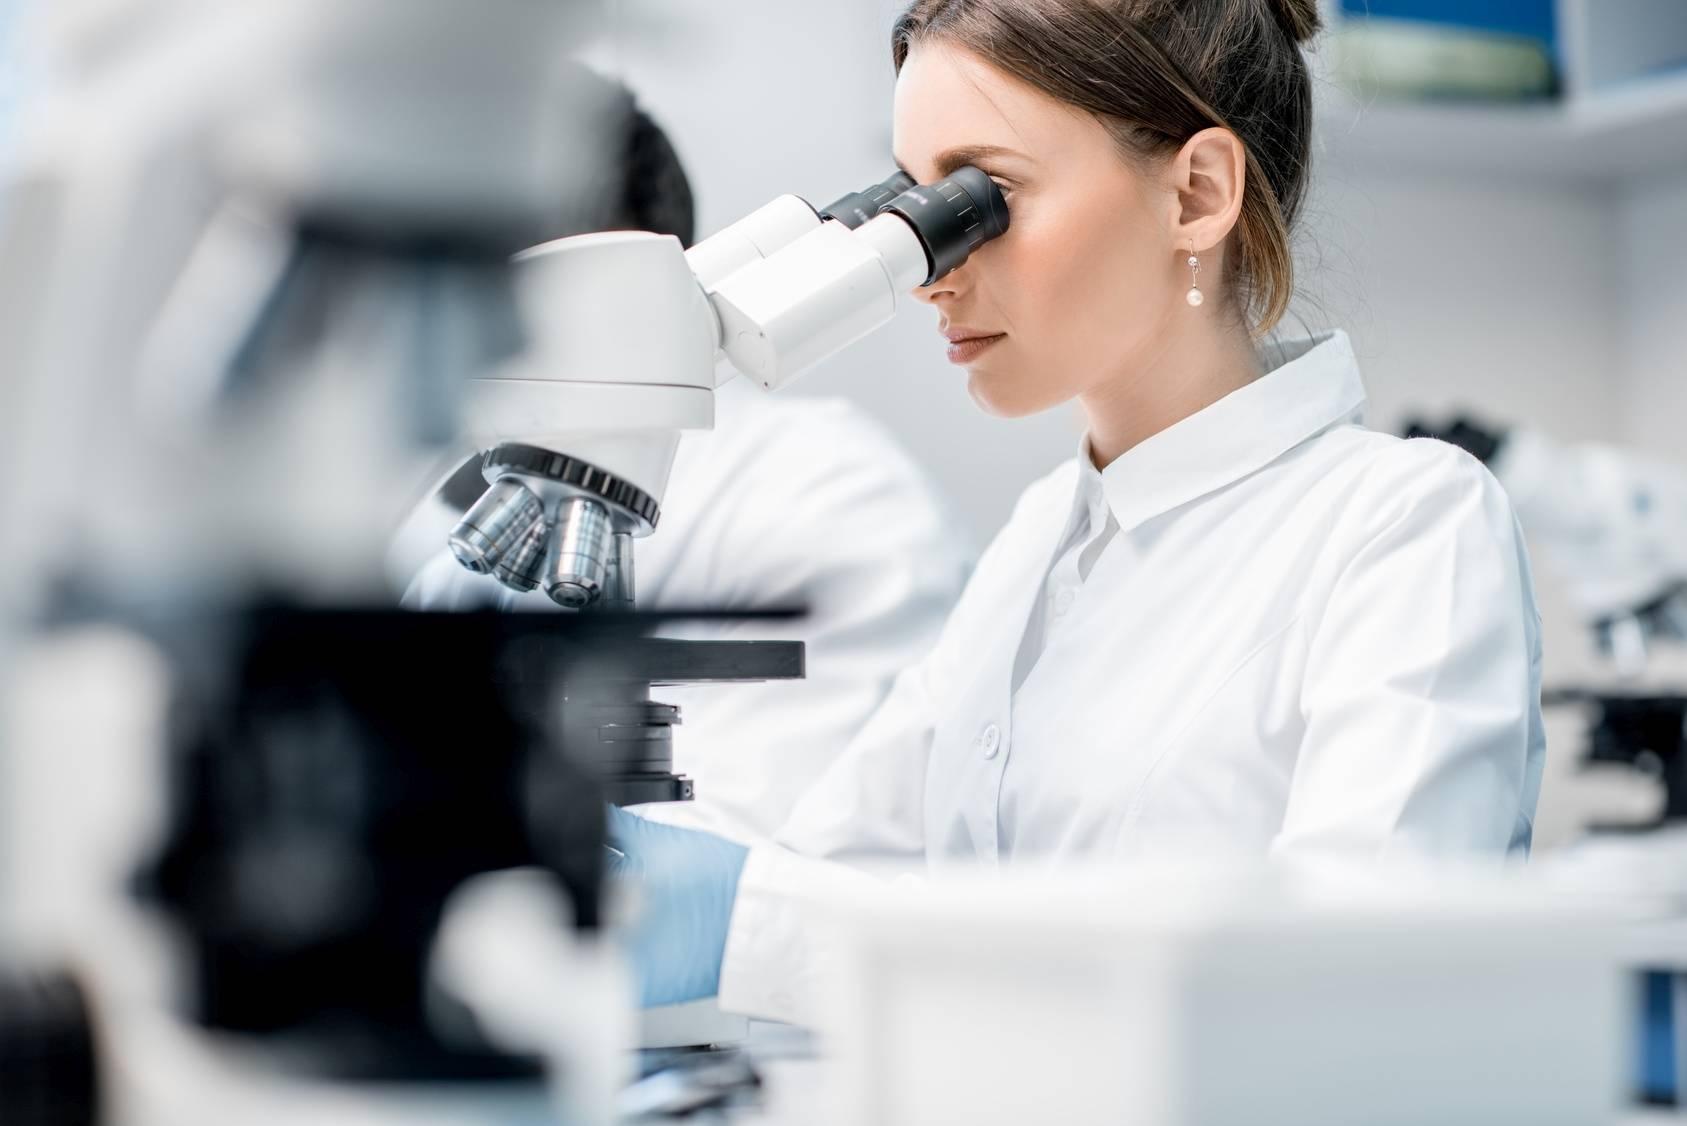 Podwyższony wskaźnik CRP świadczy o stanie zapalnym organizmu.